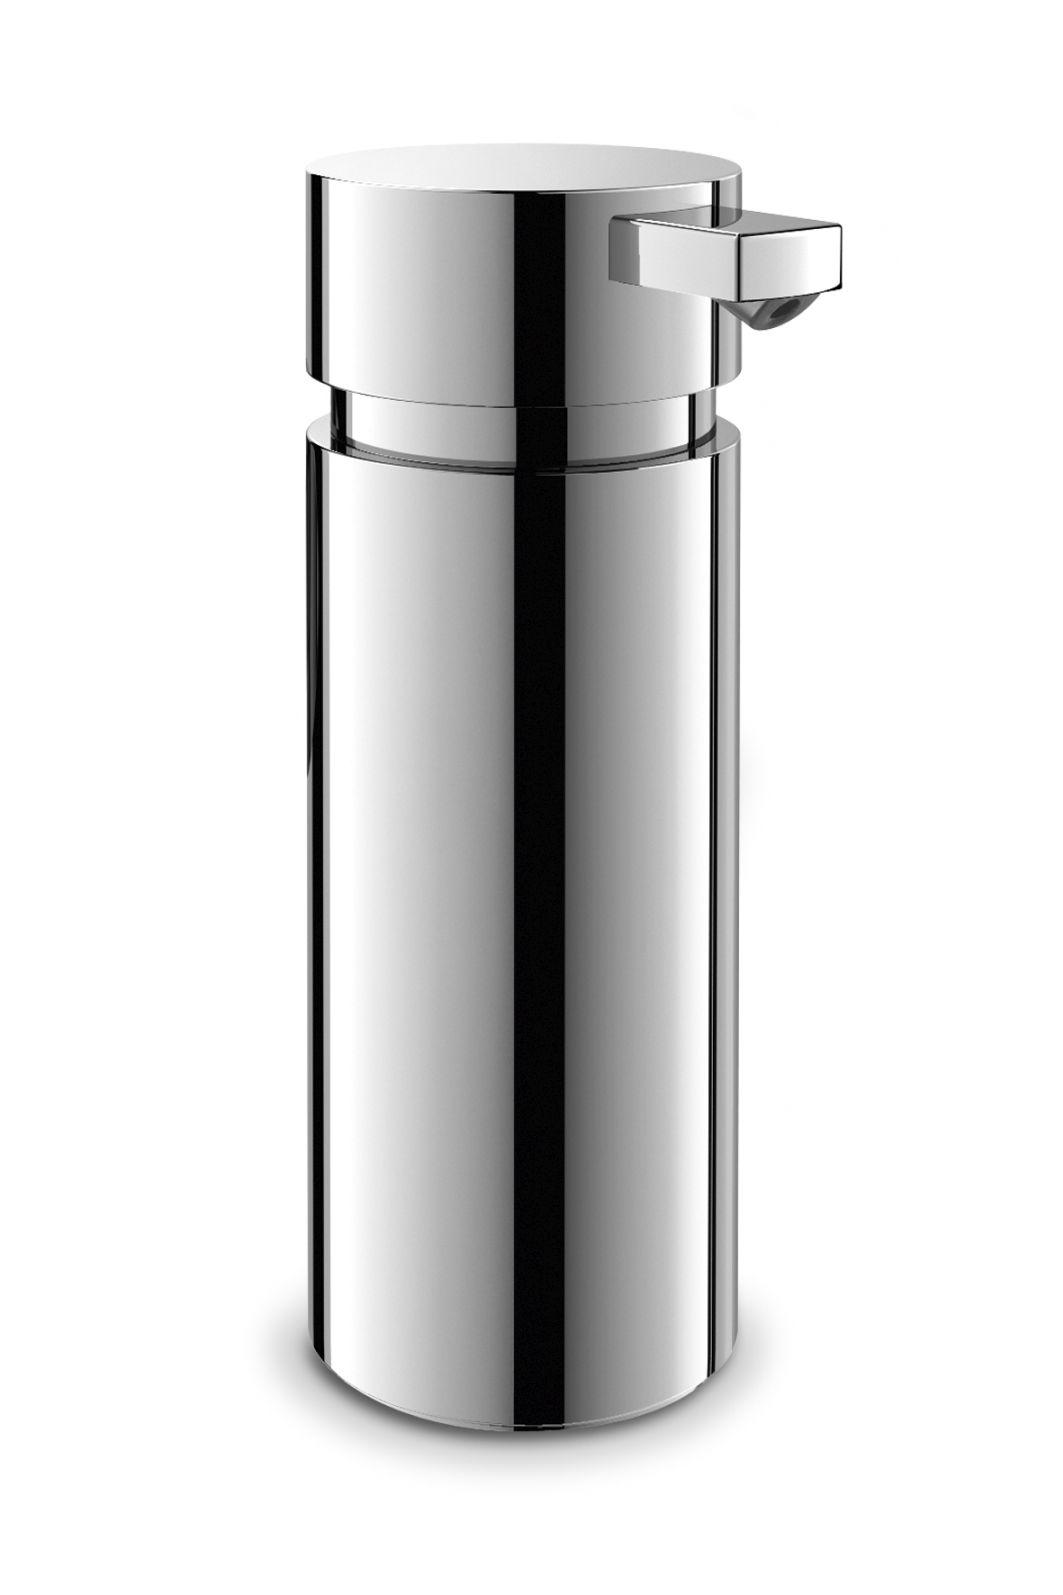 Dávkovač na mýdlo SCALA 200ml, volně stojící - ZACK